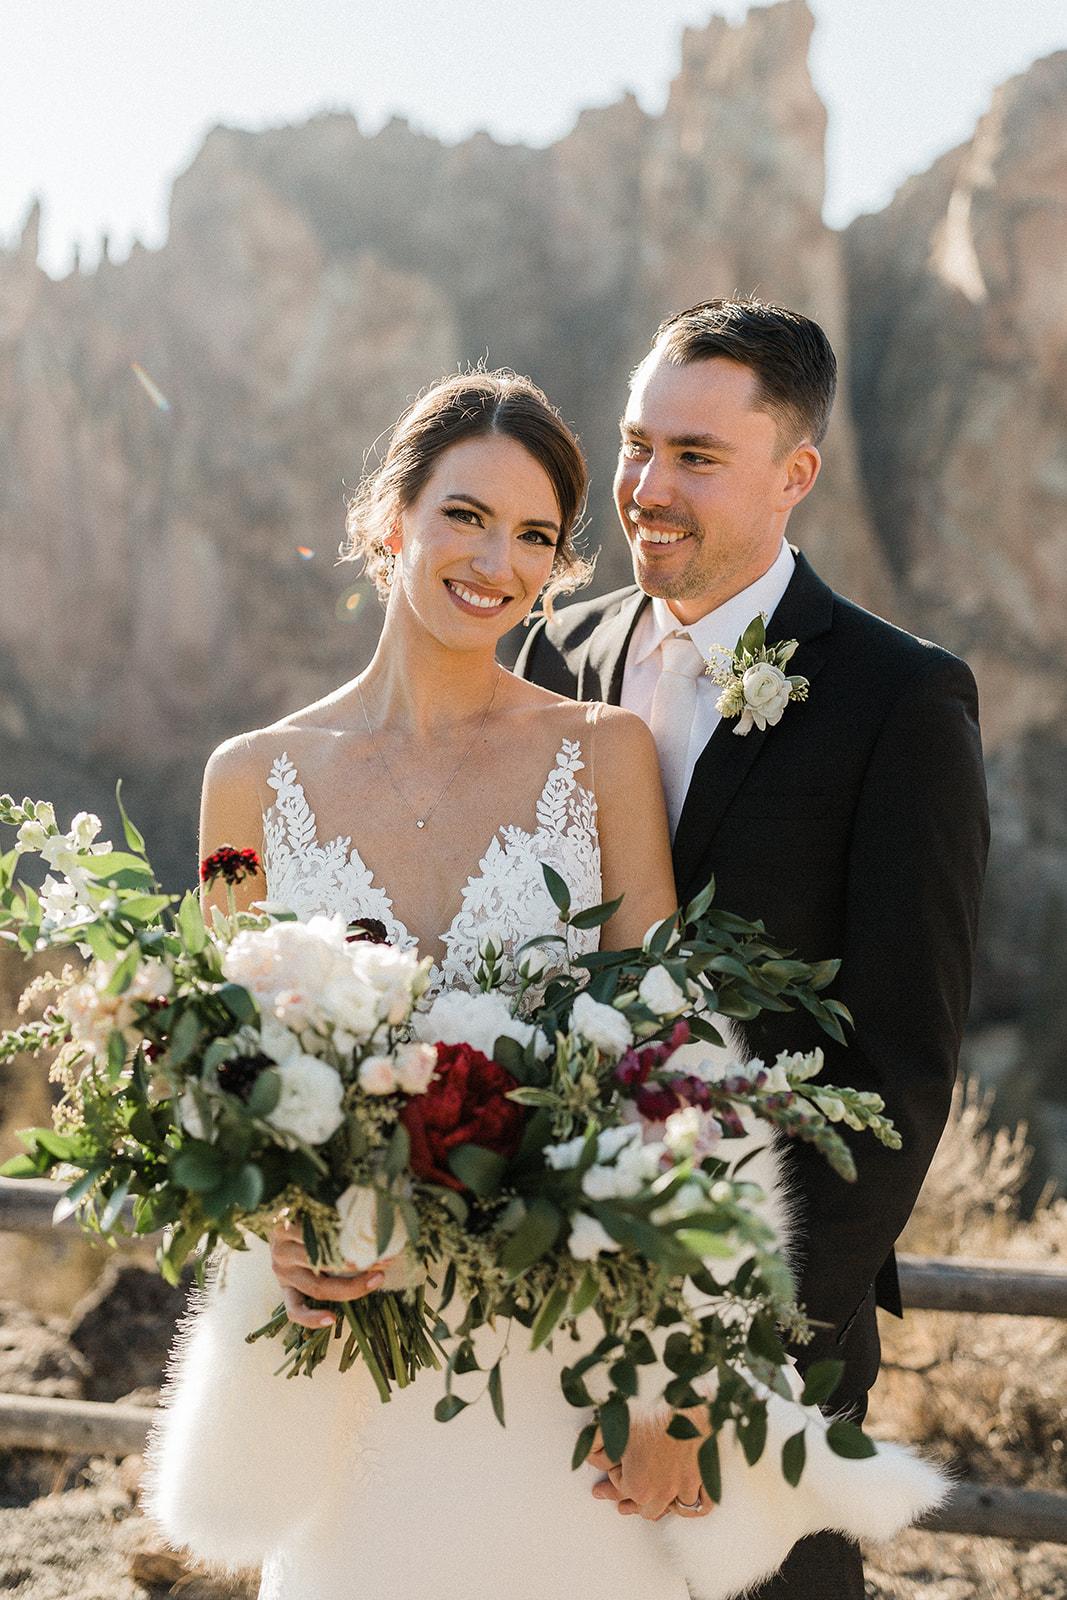 Jen_Ian-Wedding-Gallivan-Photo-185.jpg